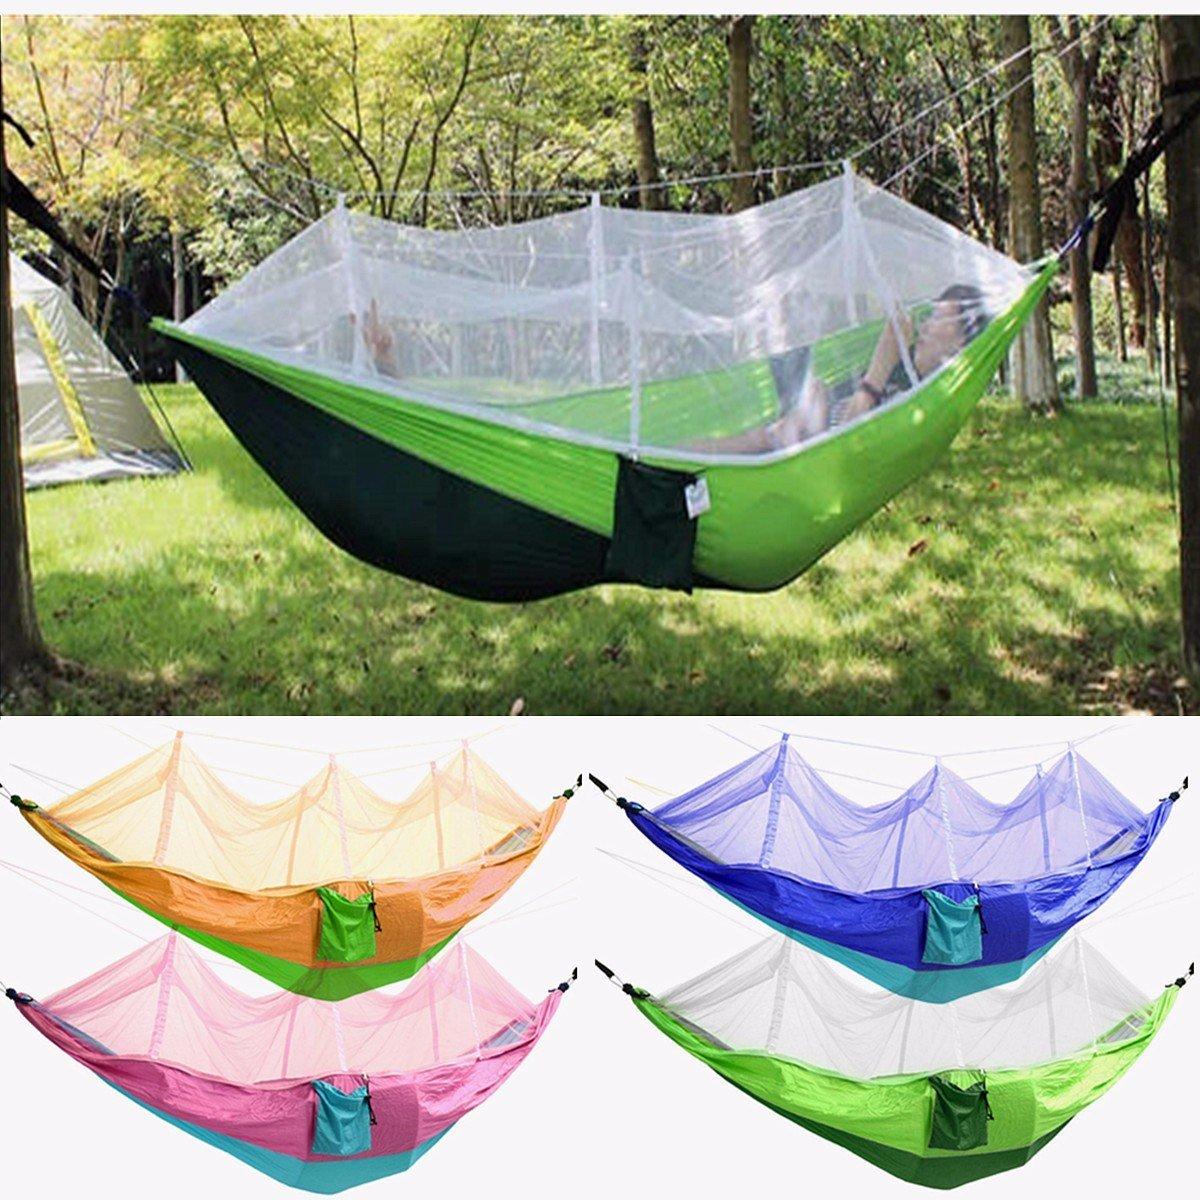 Bazaar Außenmoskitonetz Doppelhängematte Hängen Swing Beds Parachute Nylon Für Camping Reisen